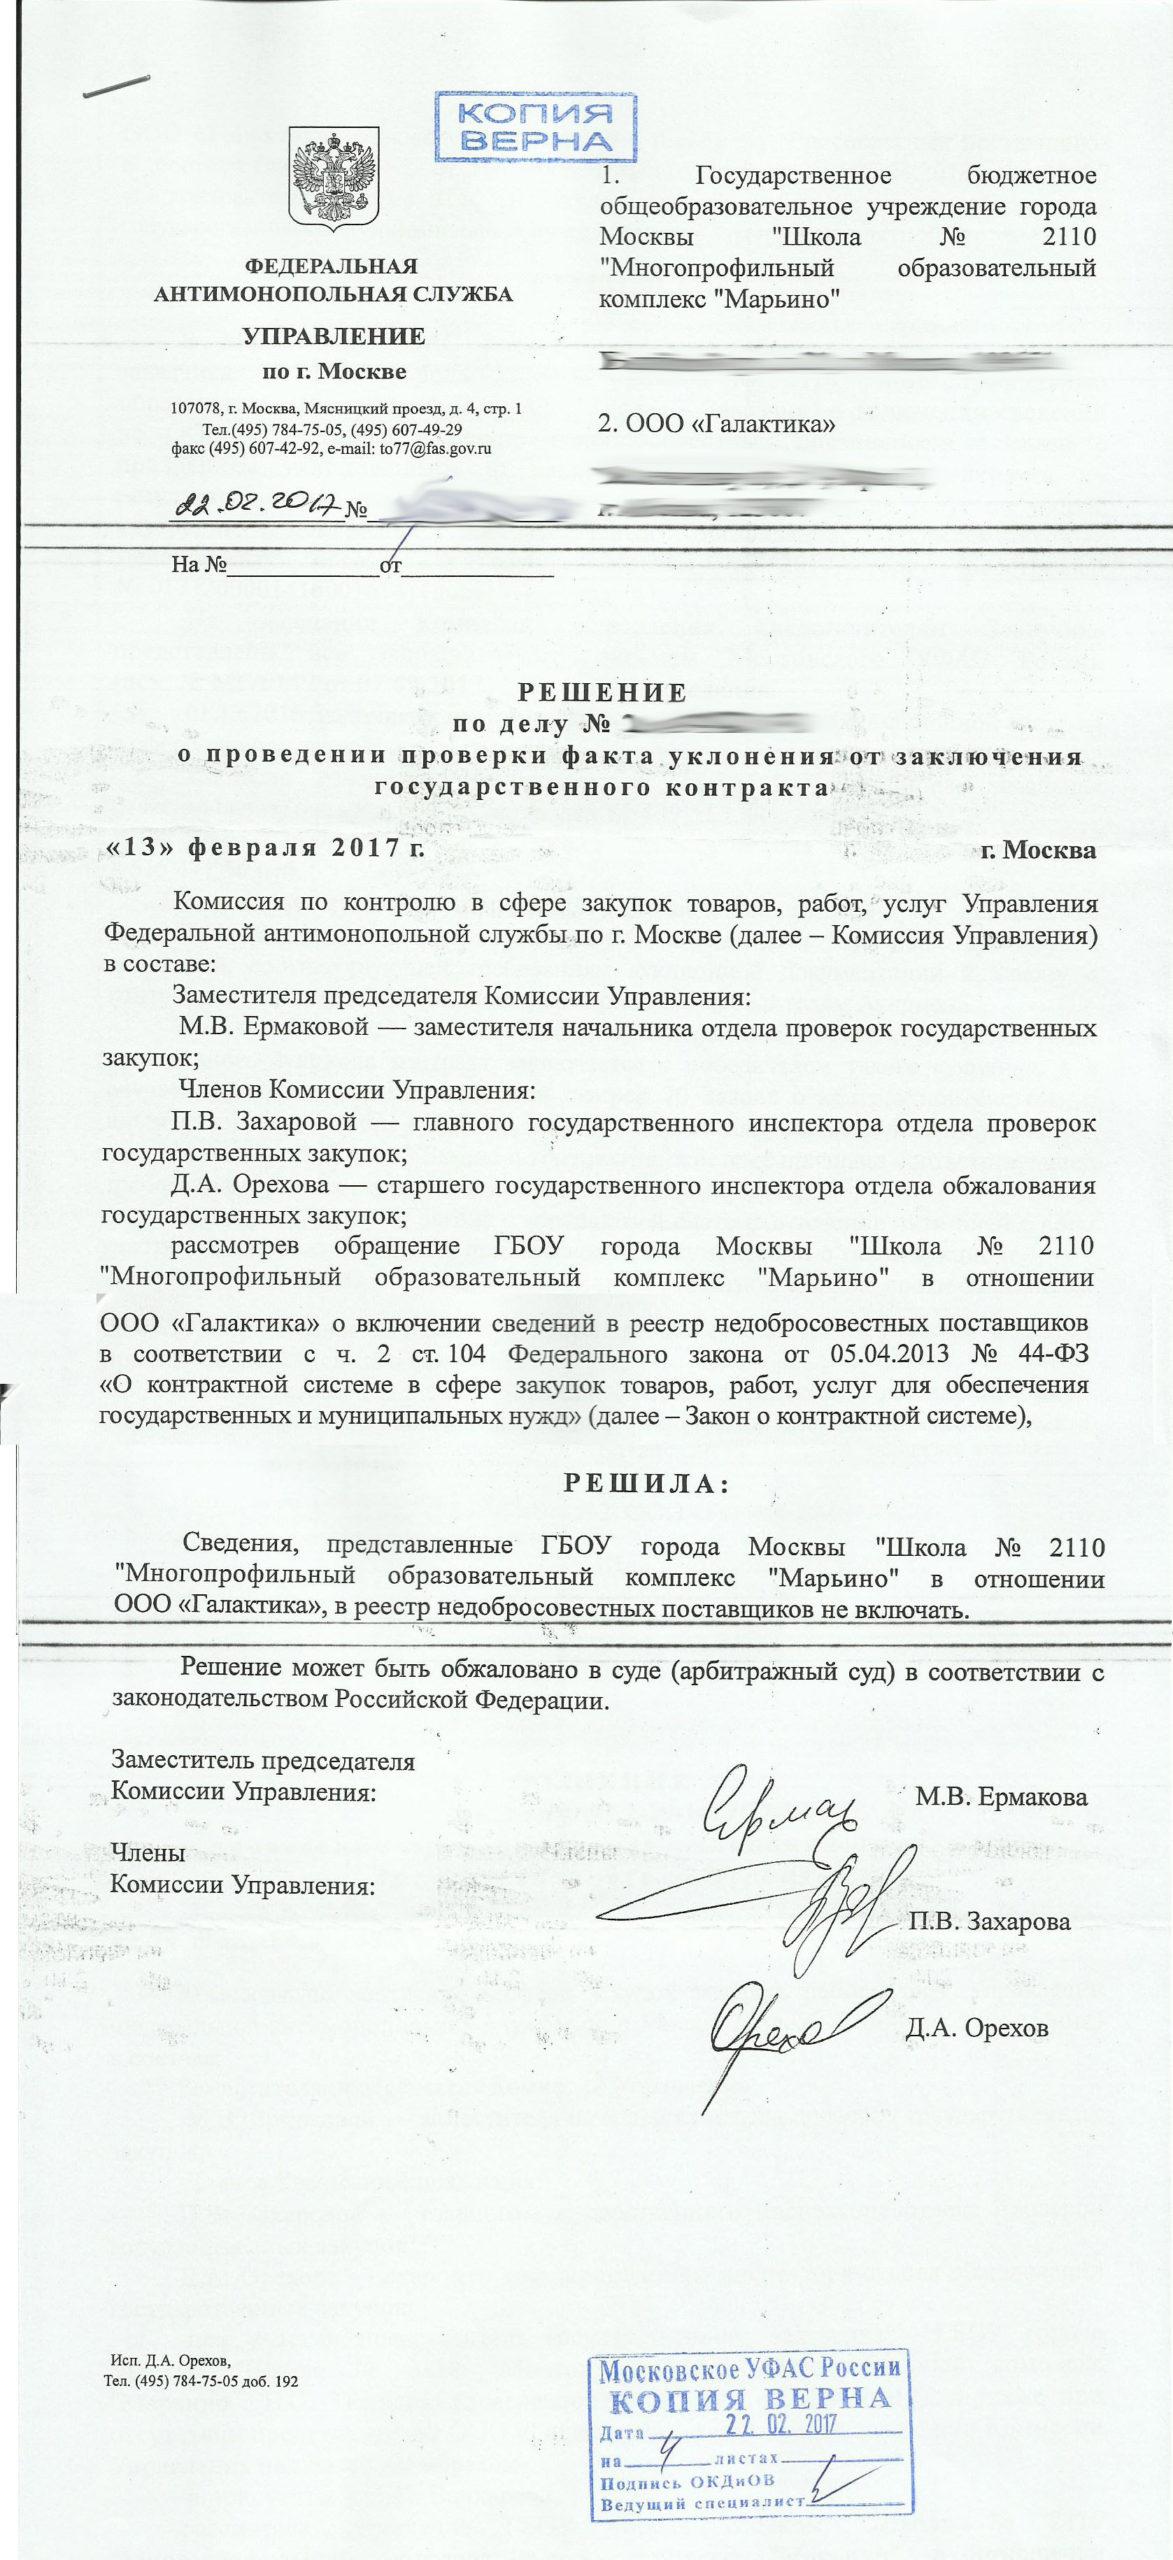 Московский УФАС Галактика решение